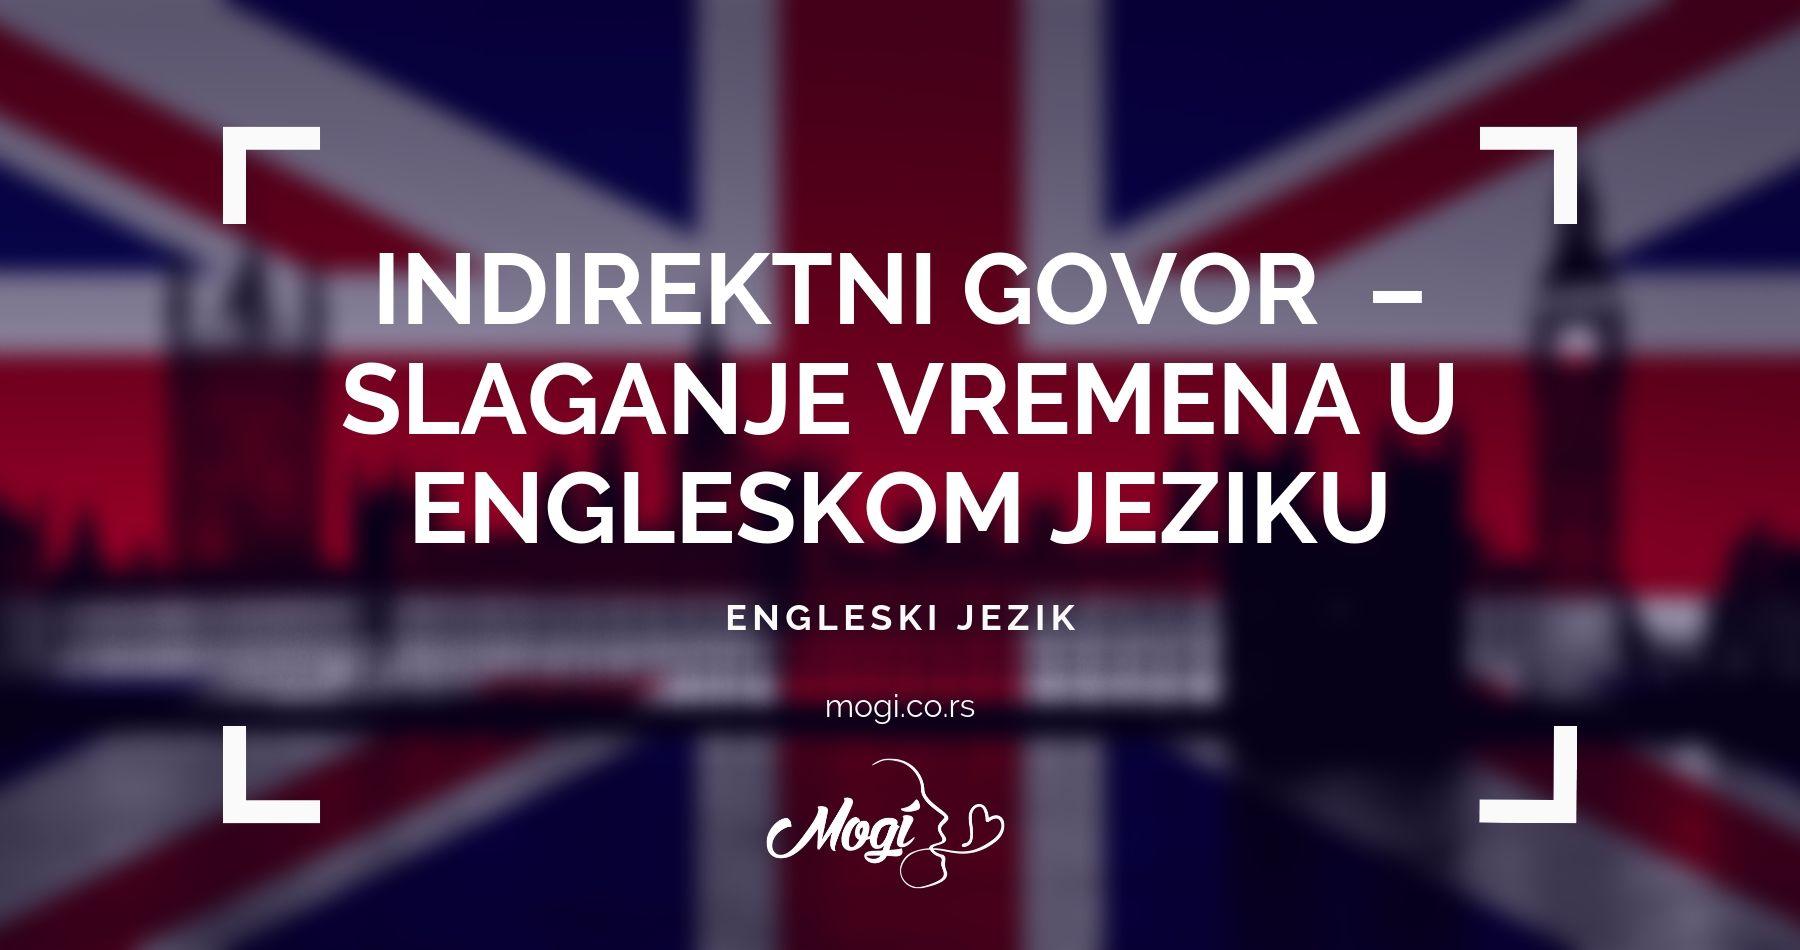 Indirektni govor i slaganje vremena u engleskom jeziku takođe se uče u školi jezika Mogi Beograd